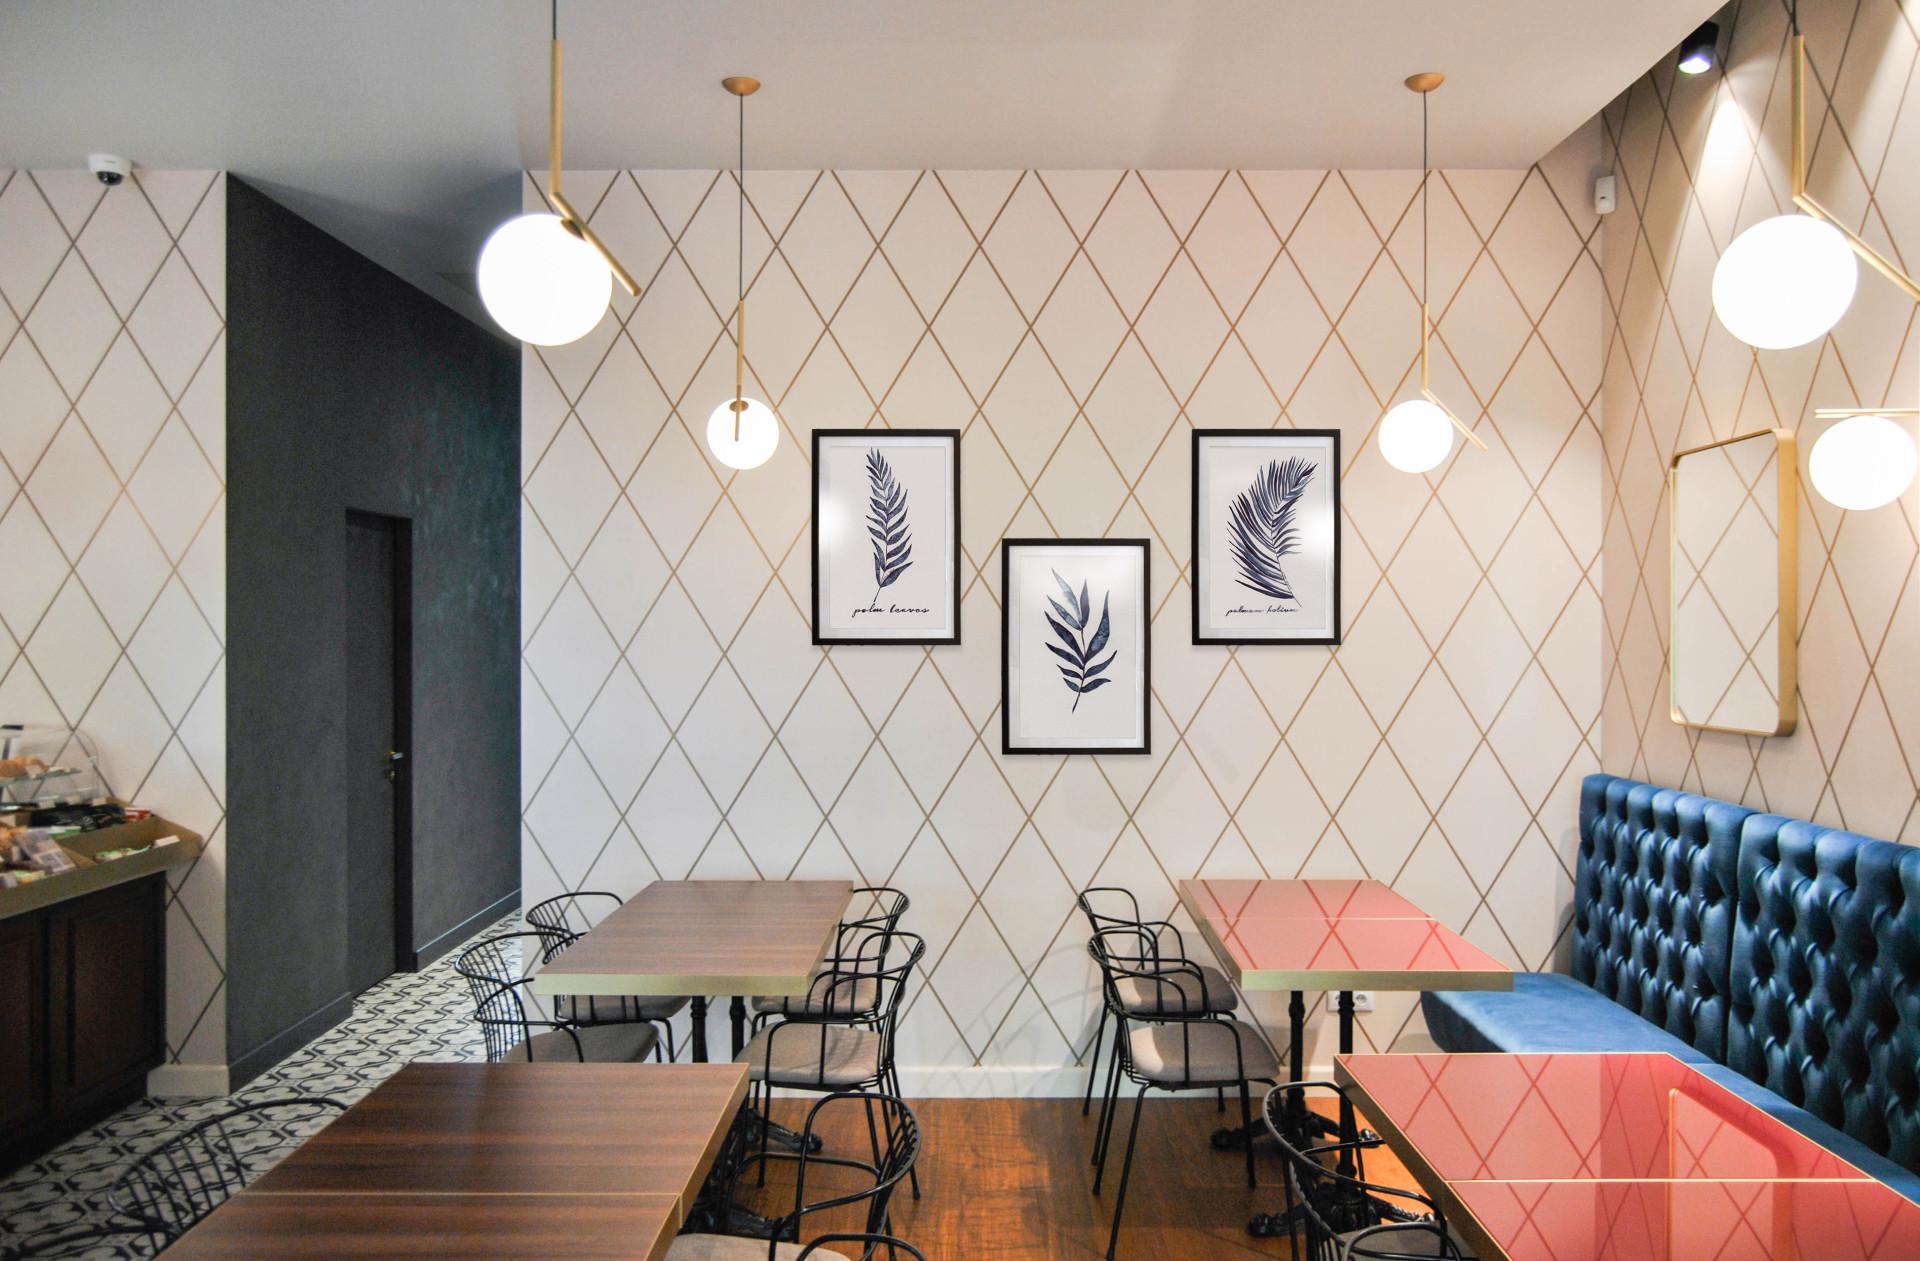 Naringi Café Tibi_02_Table Area